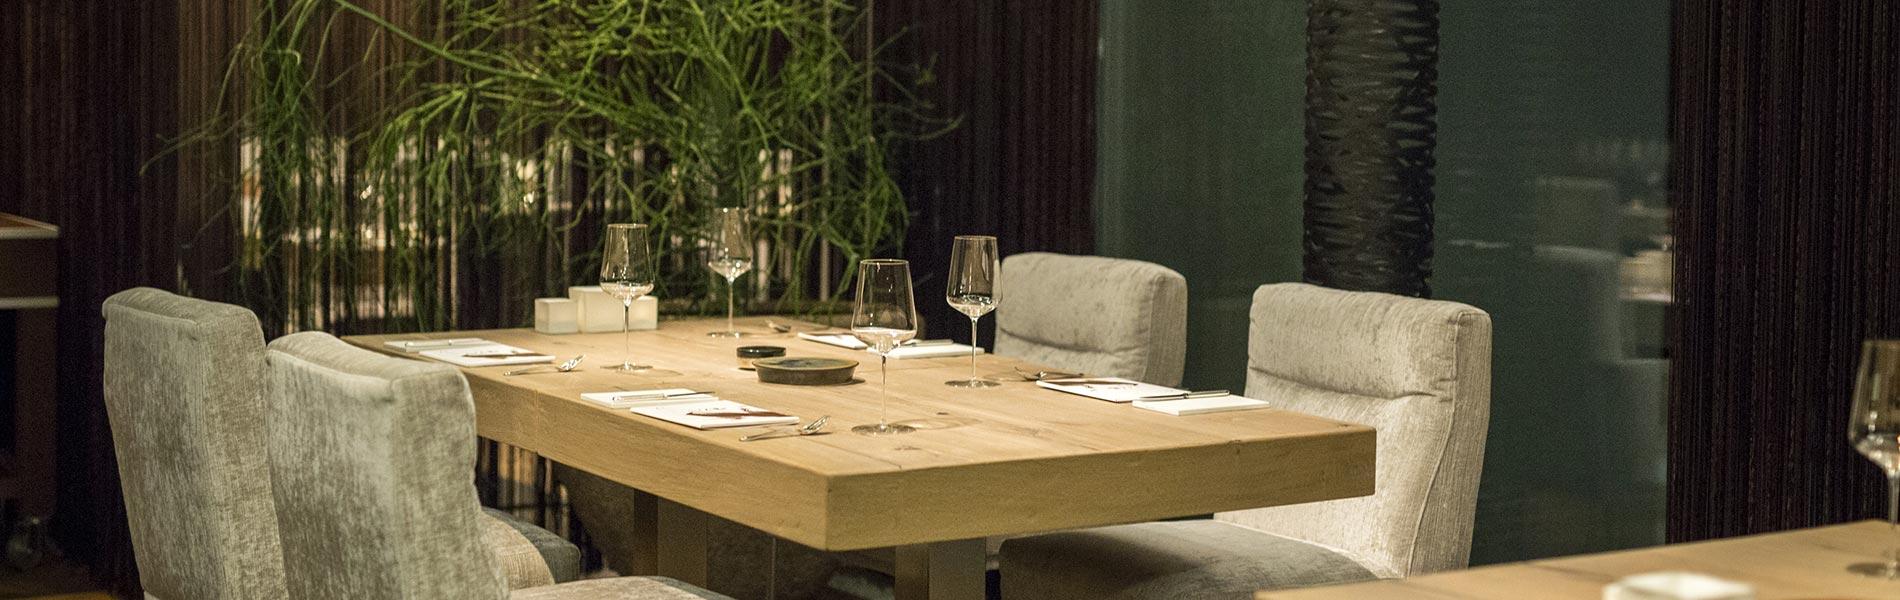 Business Referenzen Hotel Rosengarten 5 Sterne Hotel Relais & Châteaux Hotel Kirchberg Tirol Austria